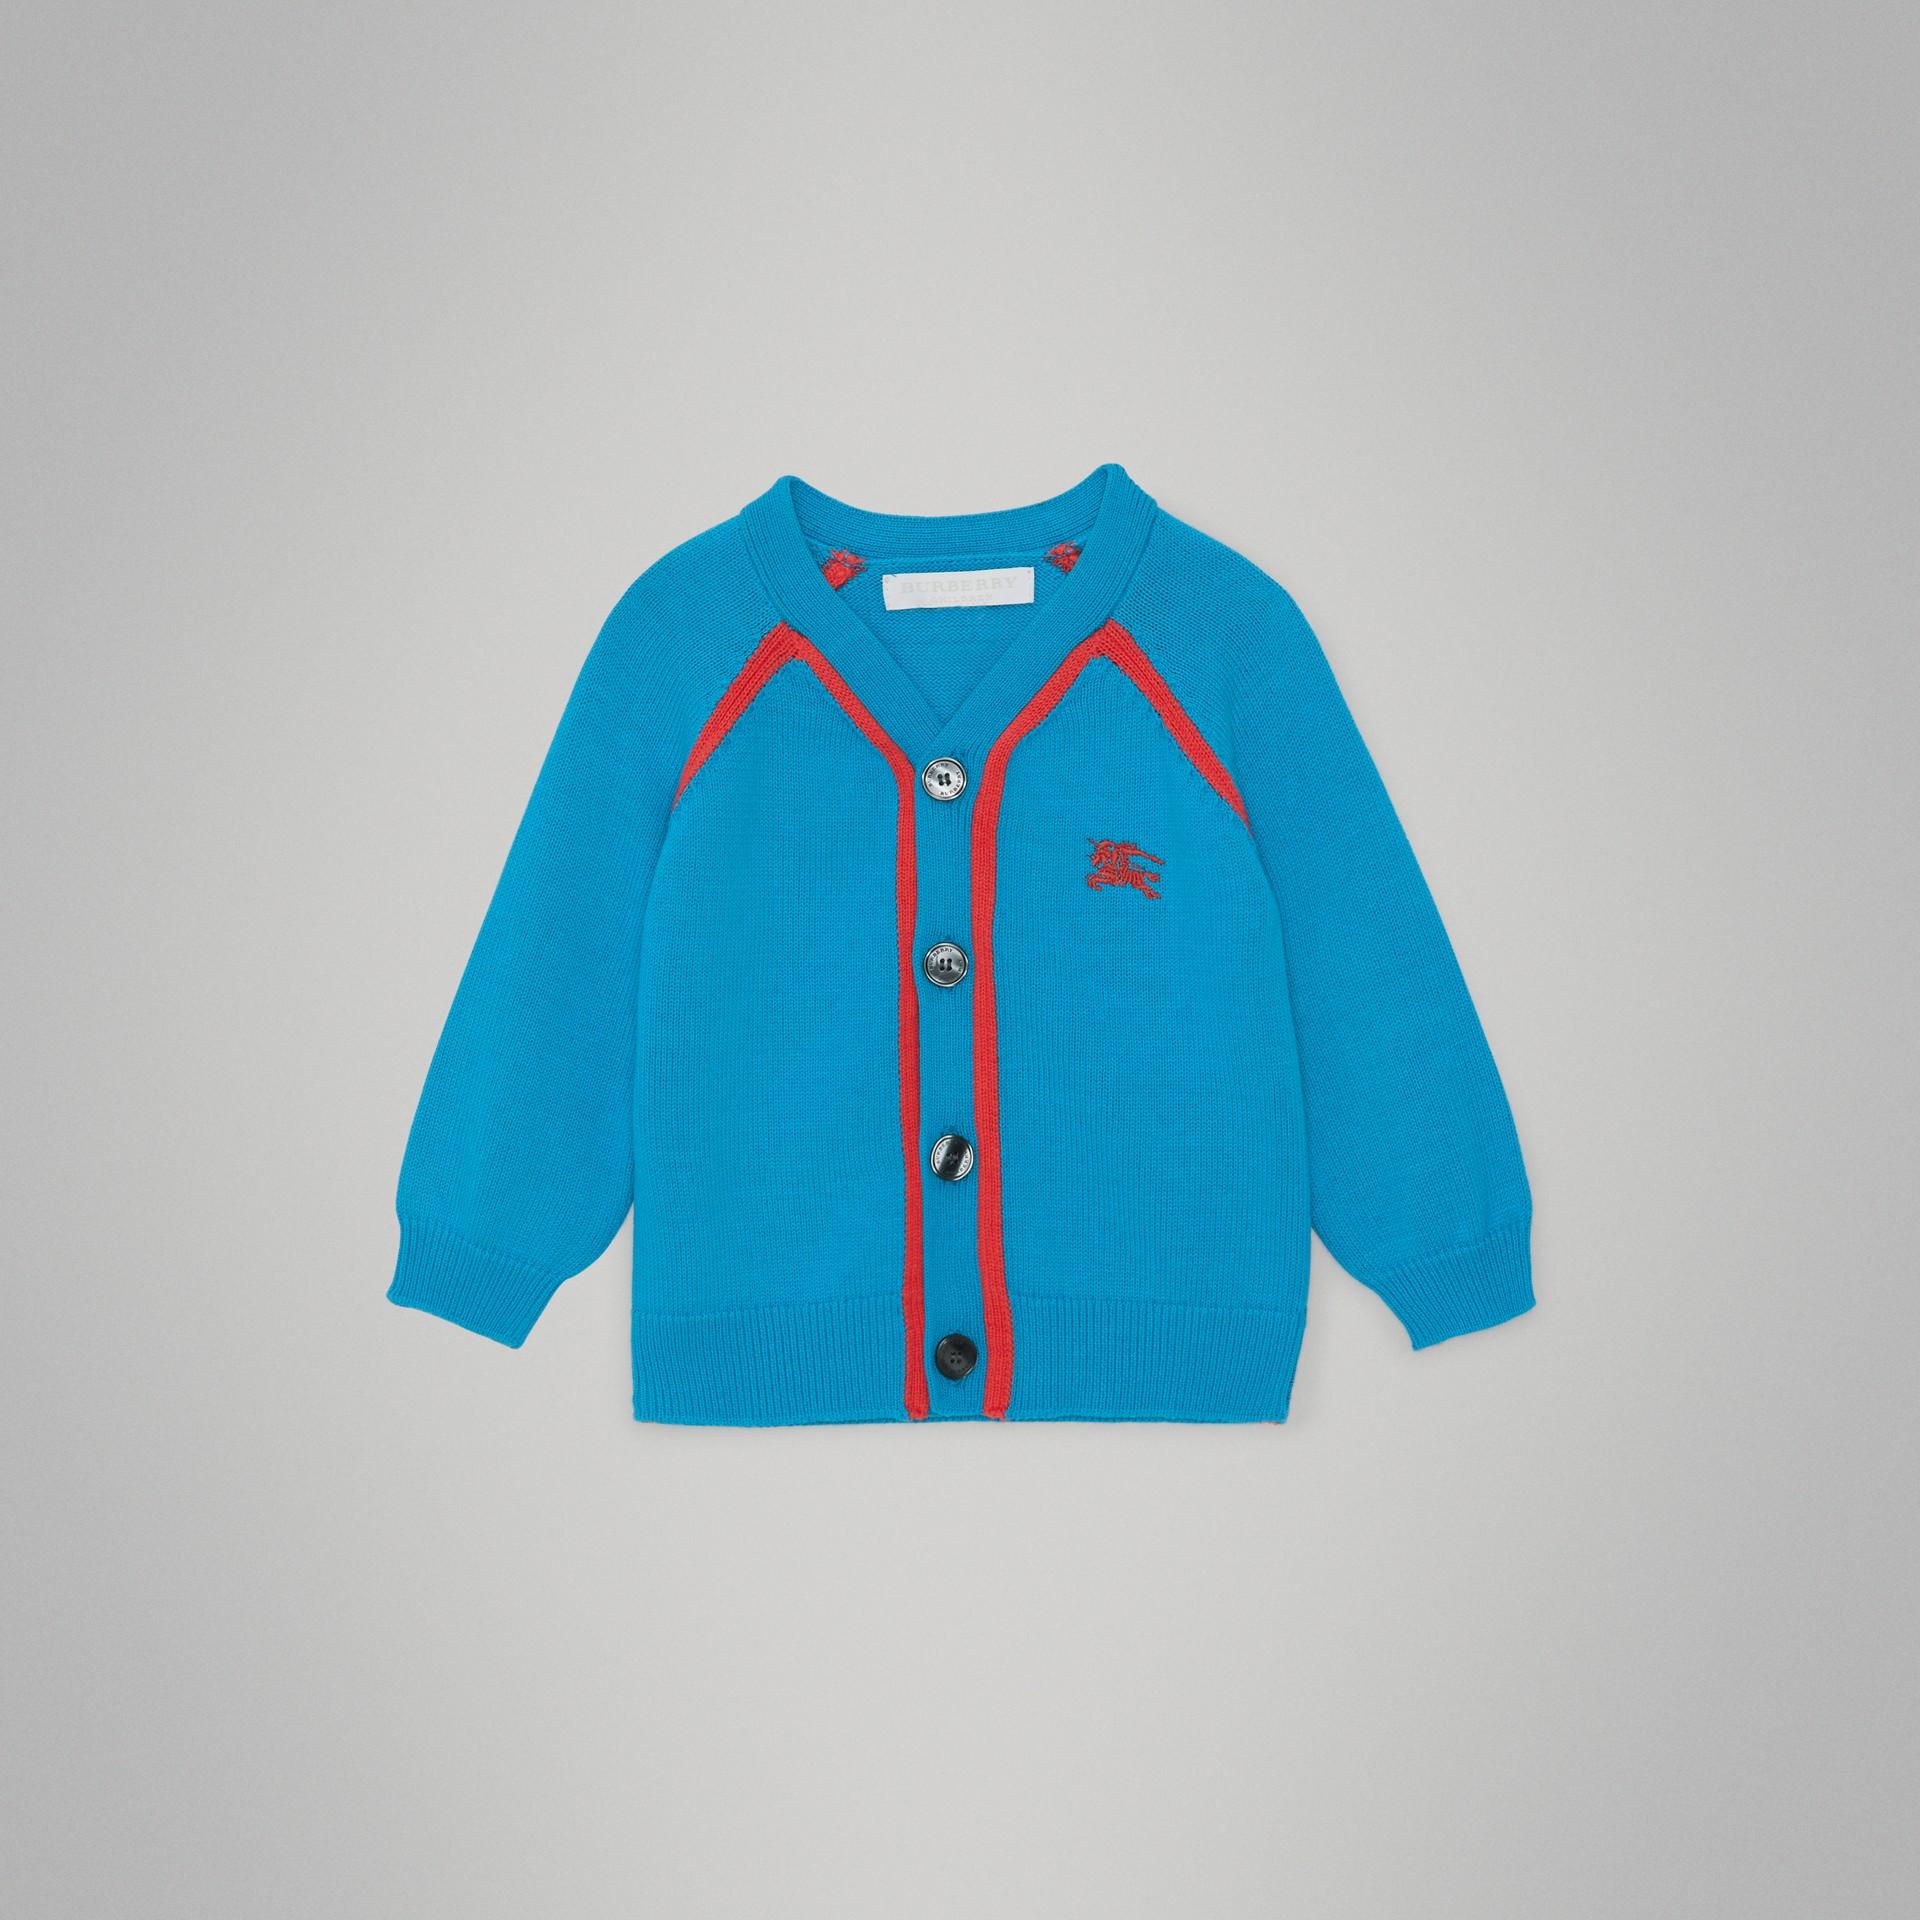 Cardigan en coton bicolore (Bleu Régate) - Enfant | Burberry - photo de la galerie 0